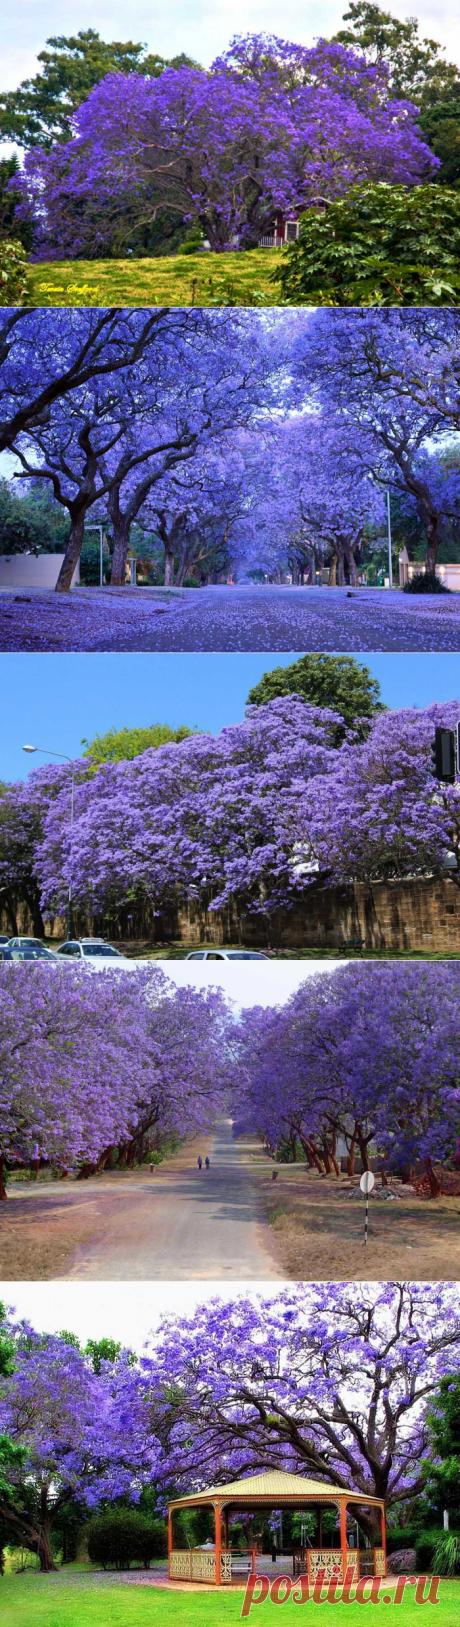 Жакаранда - род цветущих деревьев из семейства бигнониевых, включающий в себя 50 видов растений. Свое другое название - фиалковое дерево - она получила благодаря сиренево-фиолетовым оттенкам цветков и нежному медовому аромату.